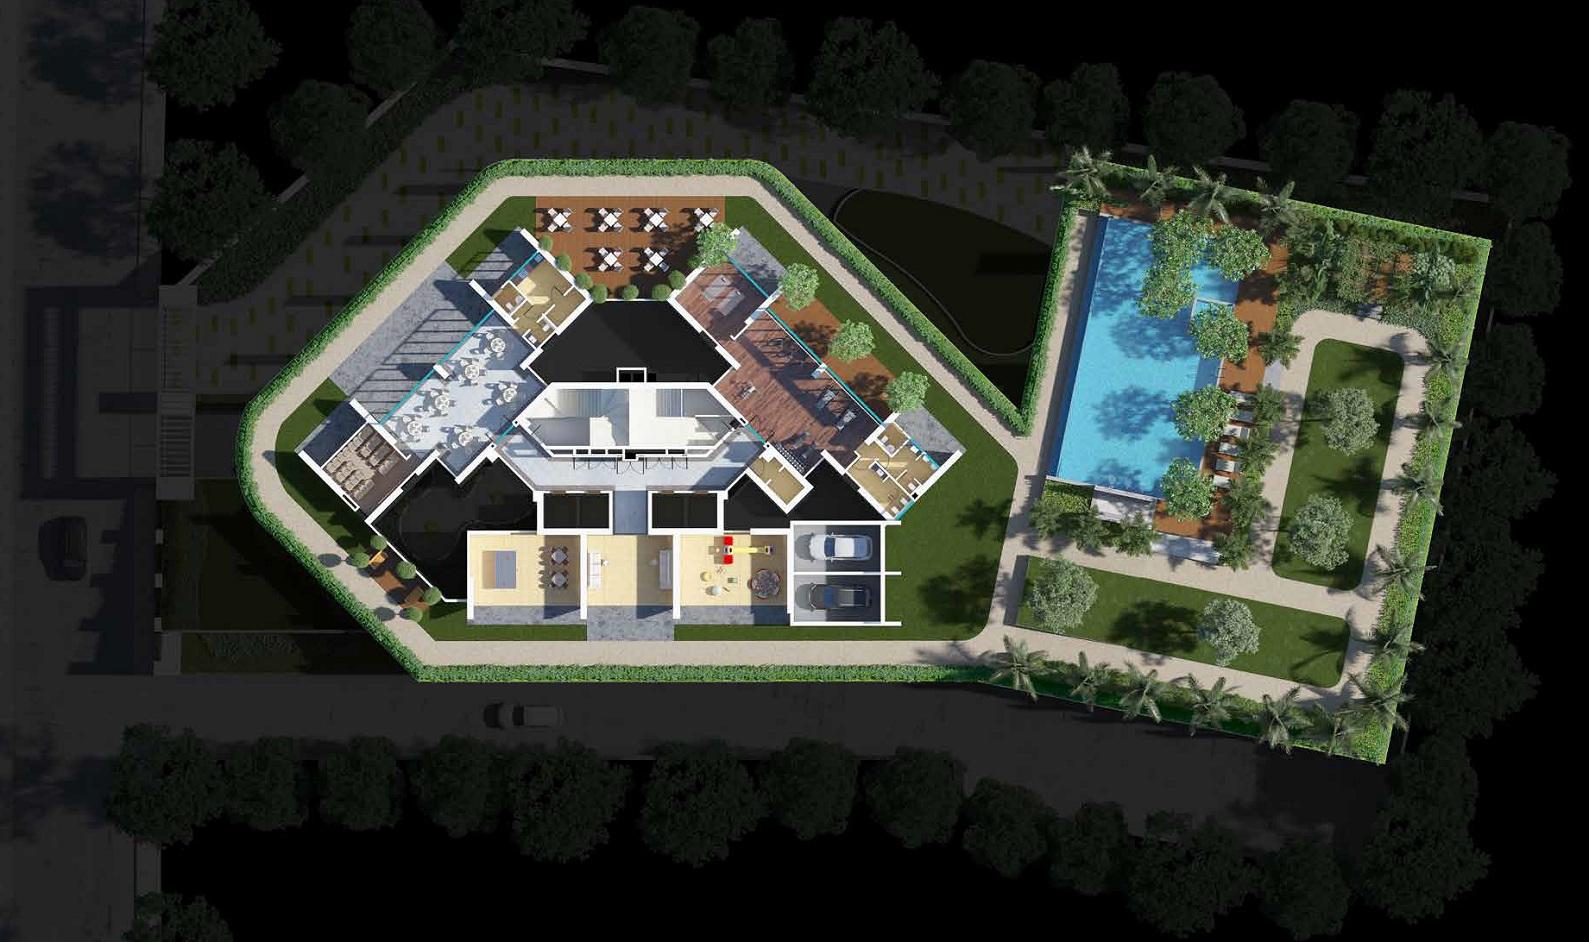 dynamix divum project master plan image1